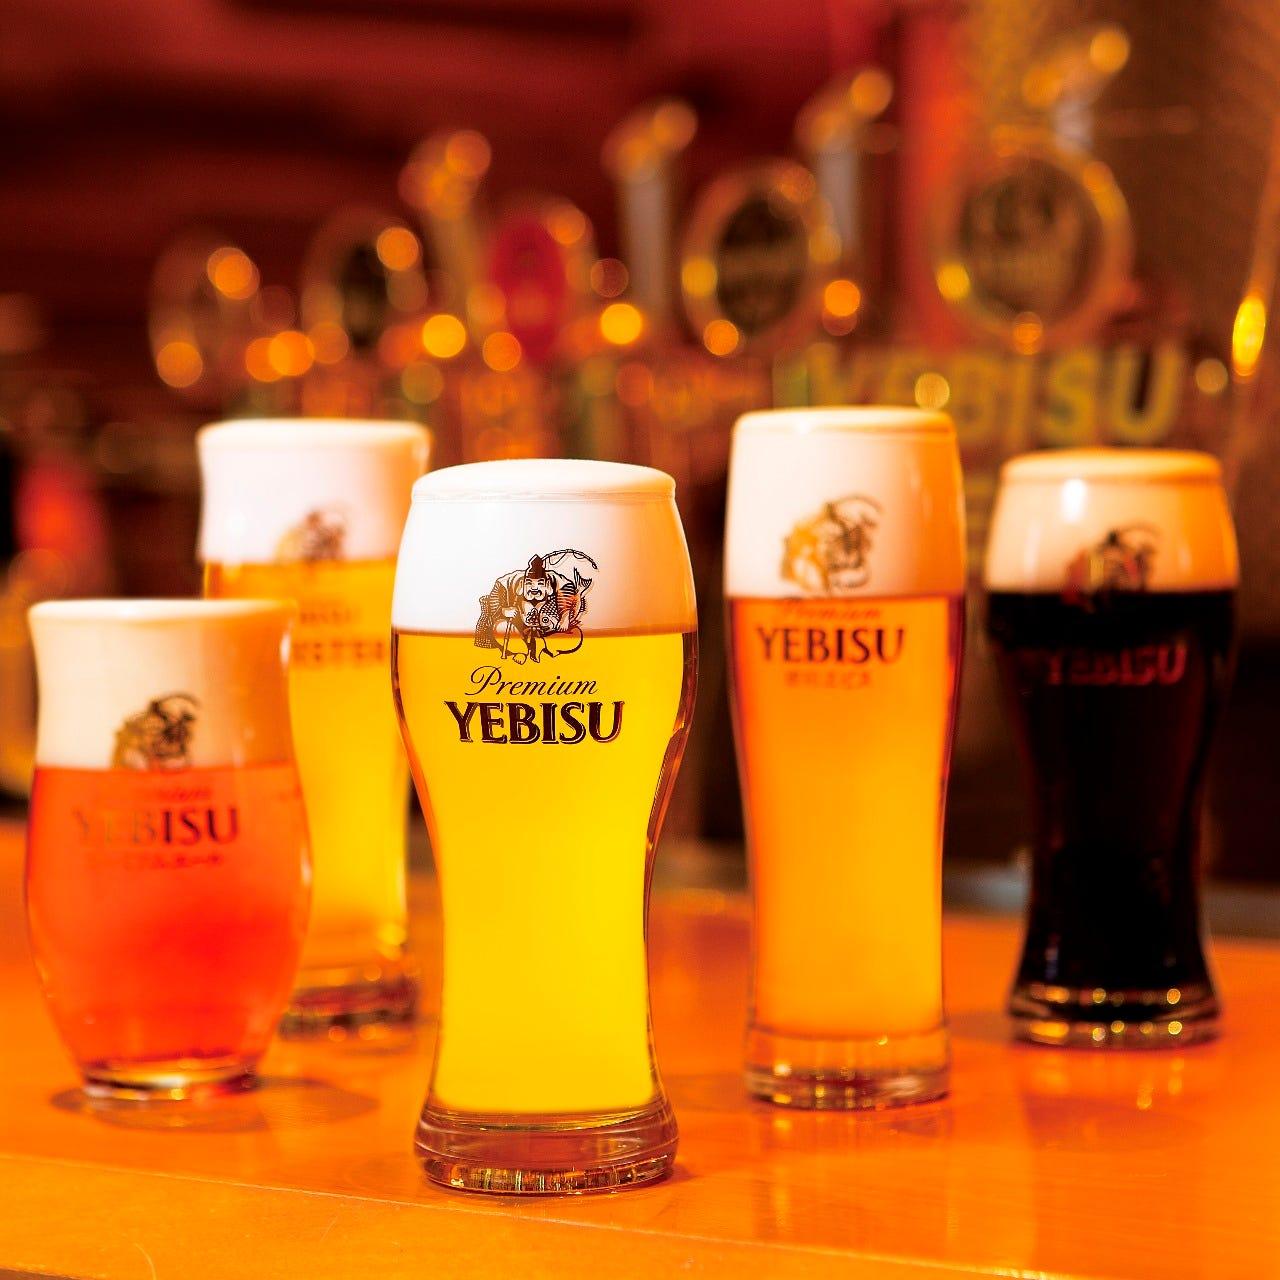 【90分飲み放題付:プレミアムプラン!】ヱビスビール全9種が全てお楽しみいただける特別なプランです。